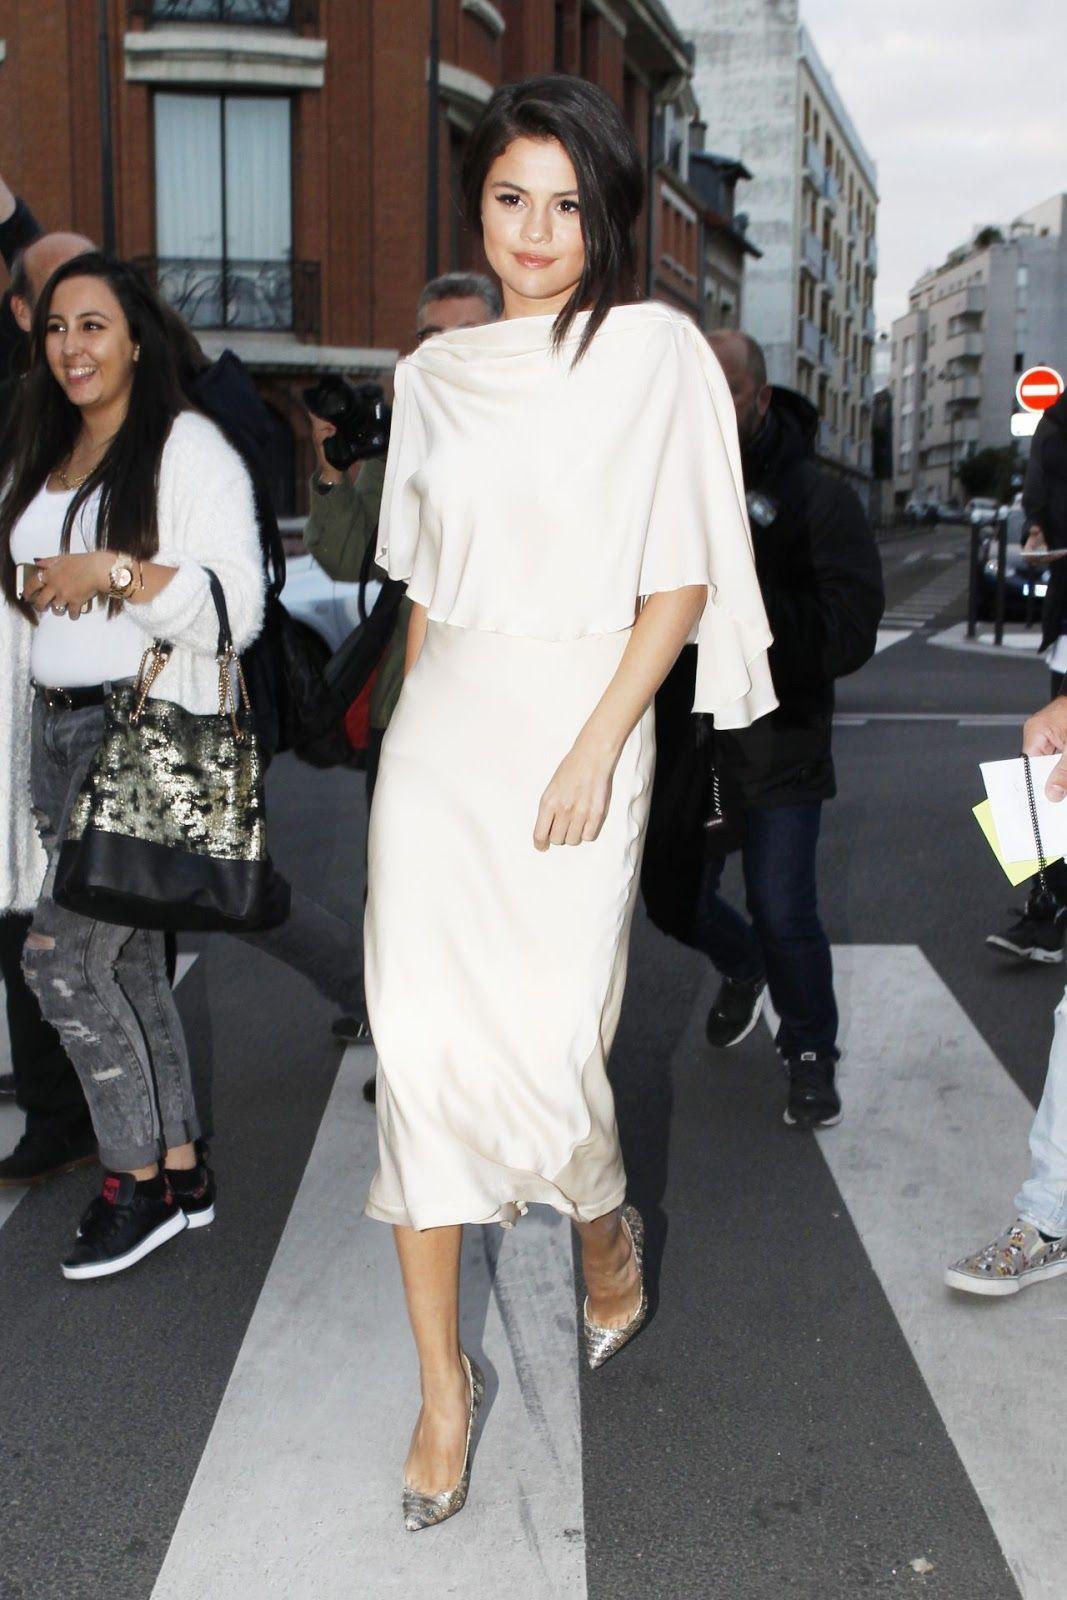 celebstills: Selena Gomez v bielych šatách - Odchod nahrávacie štúdio v Paríži, september 2015